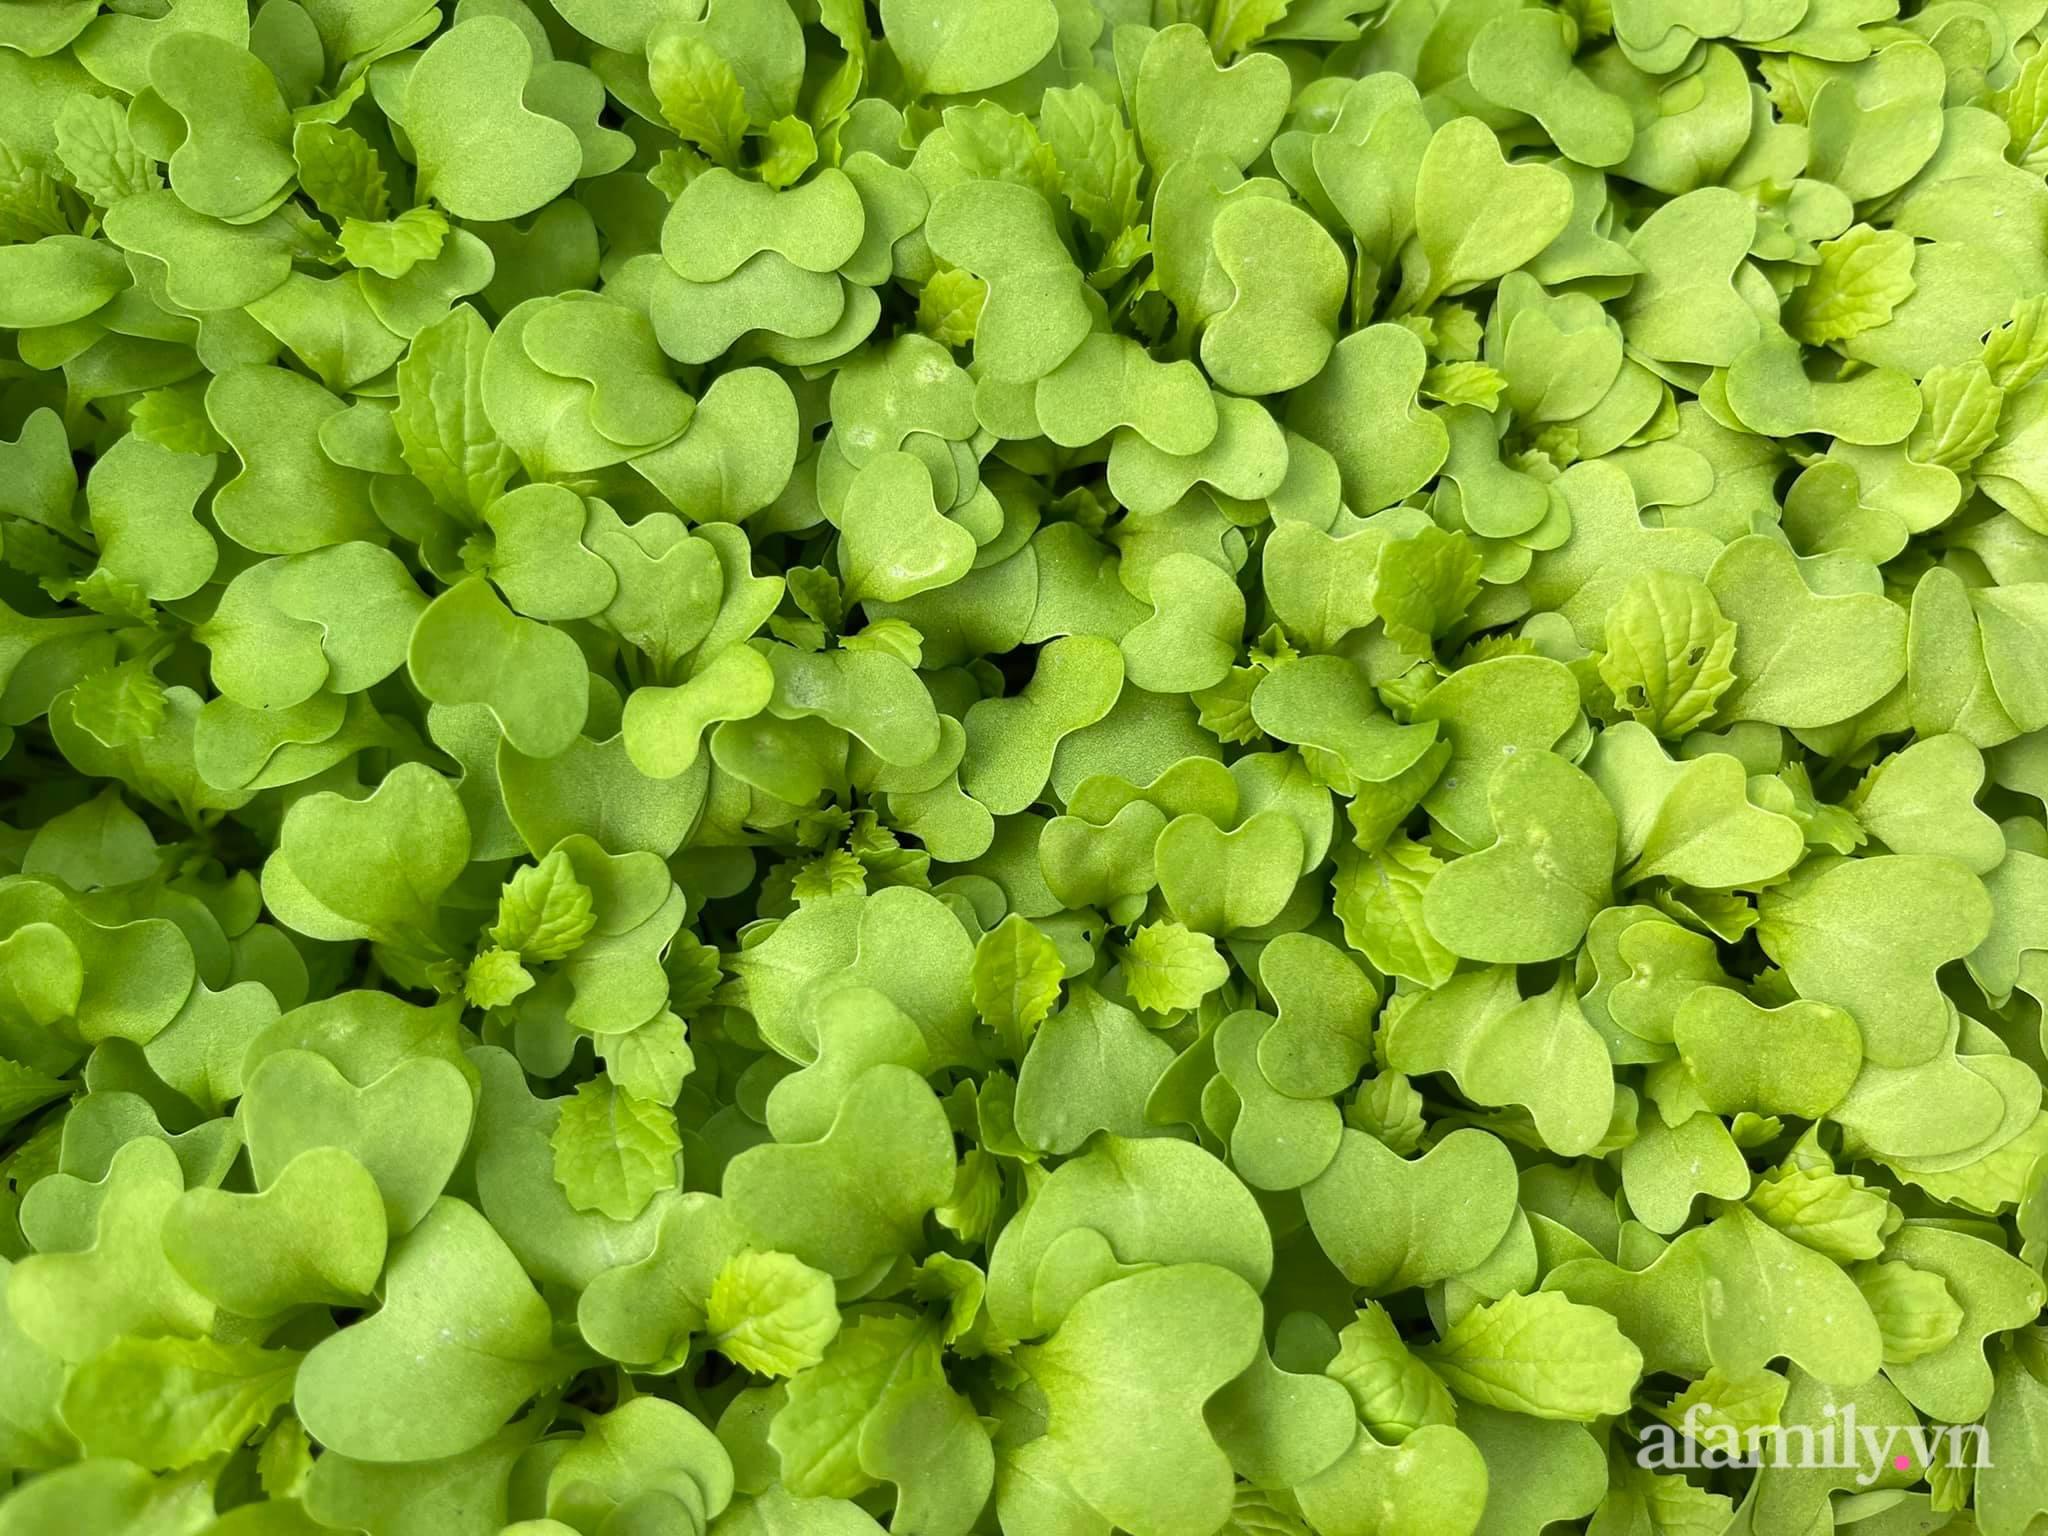 Sân thượng 83m² phủ kín rau quả sạch chỉ sau gần 1 tháng gieo trồng của cô giáo về hưu ở Hà Nội - Ảnh 14.